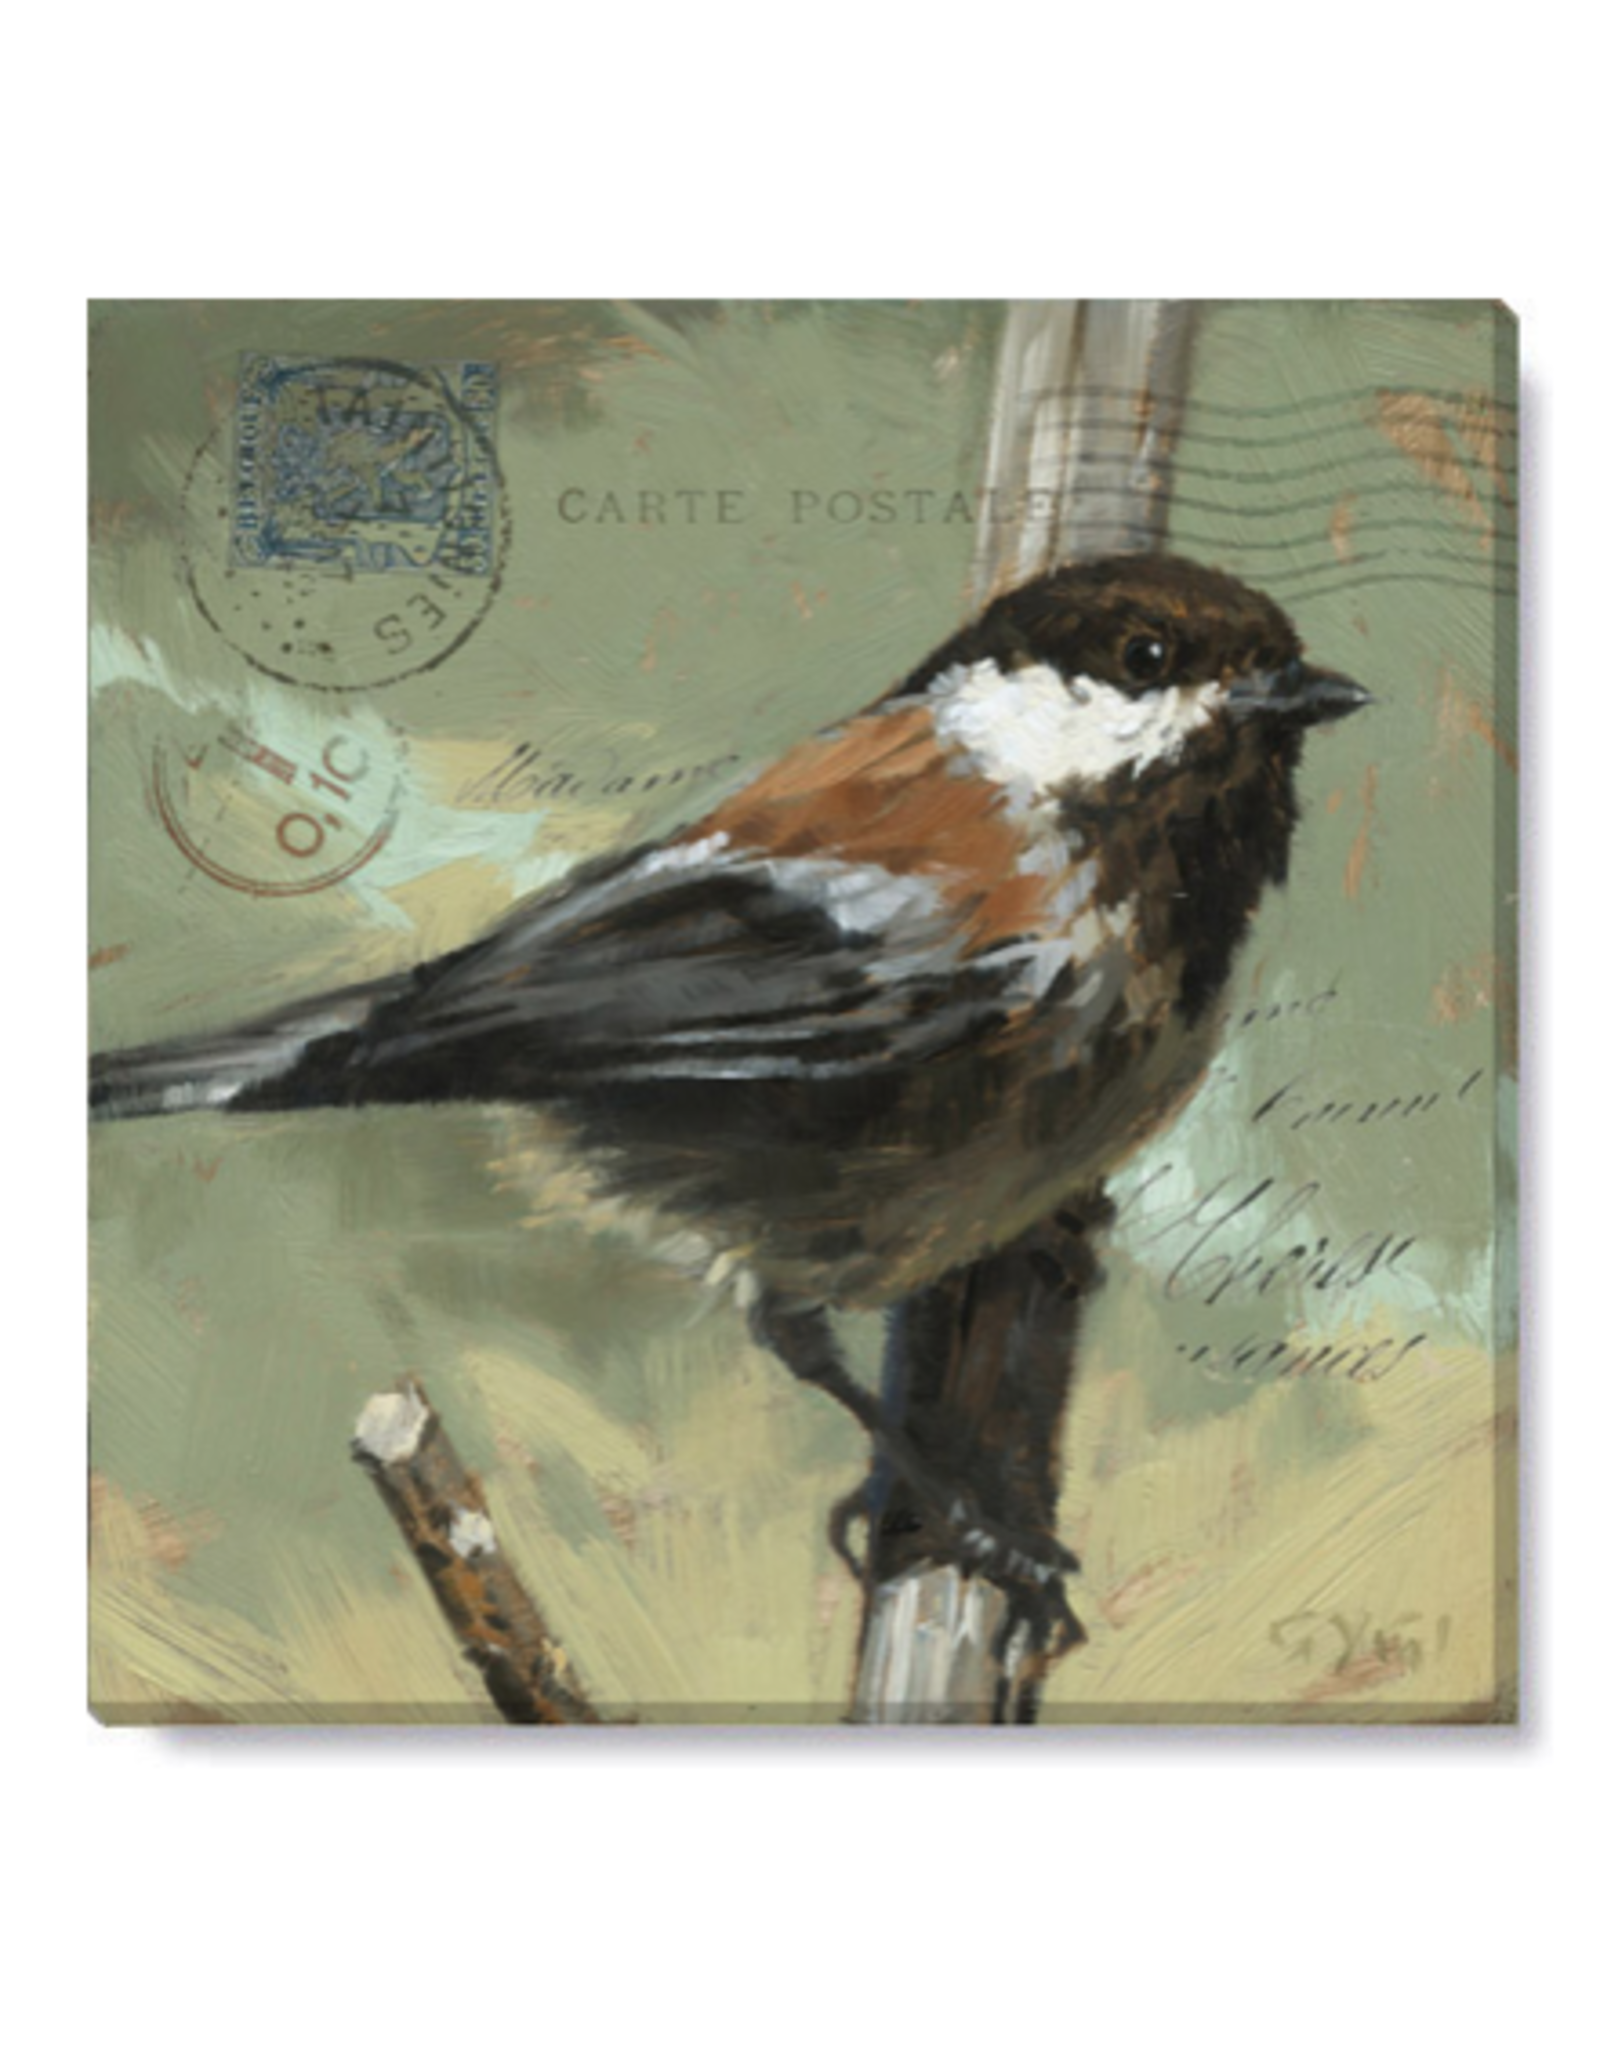 Sullivans Bird Wall Art 5 x 5